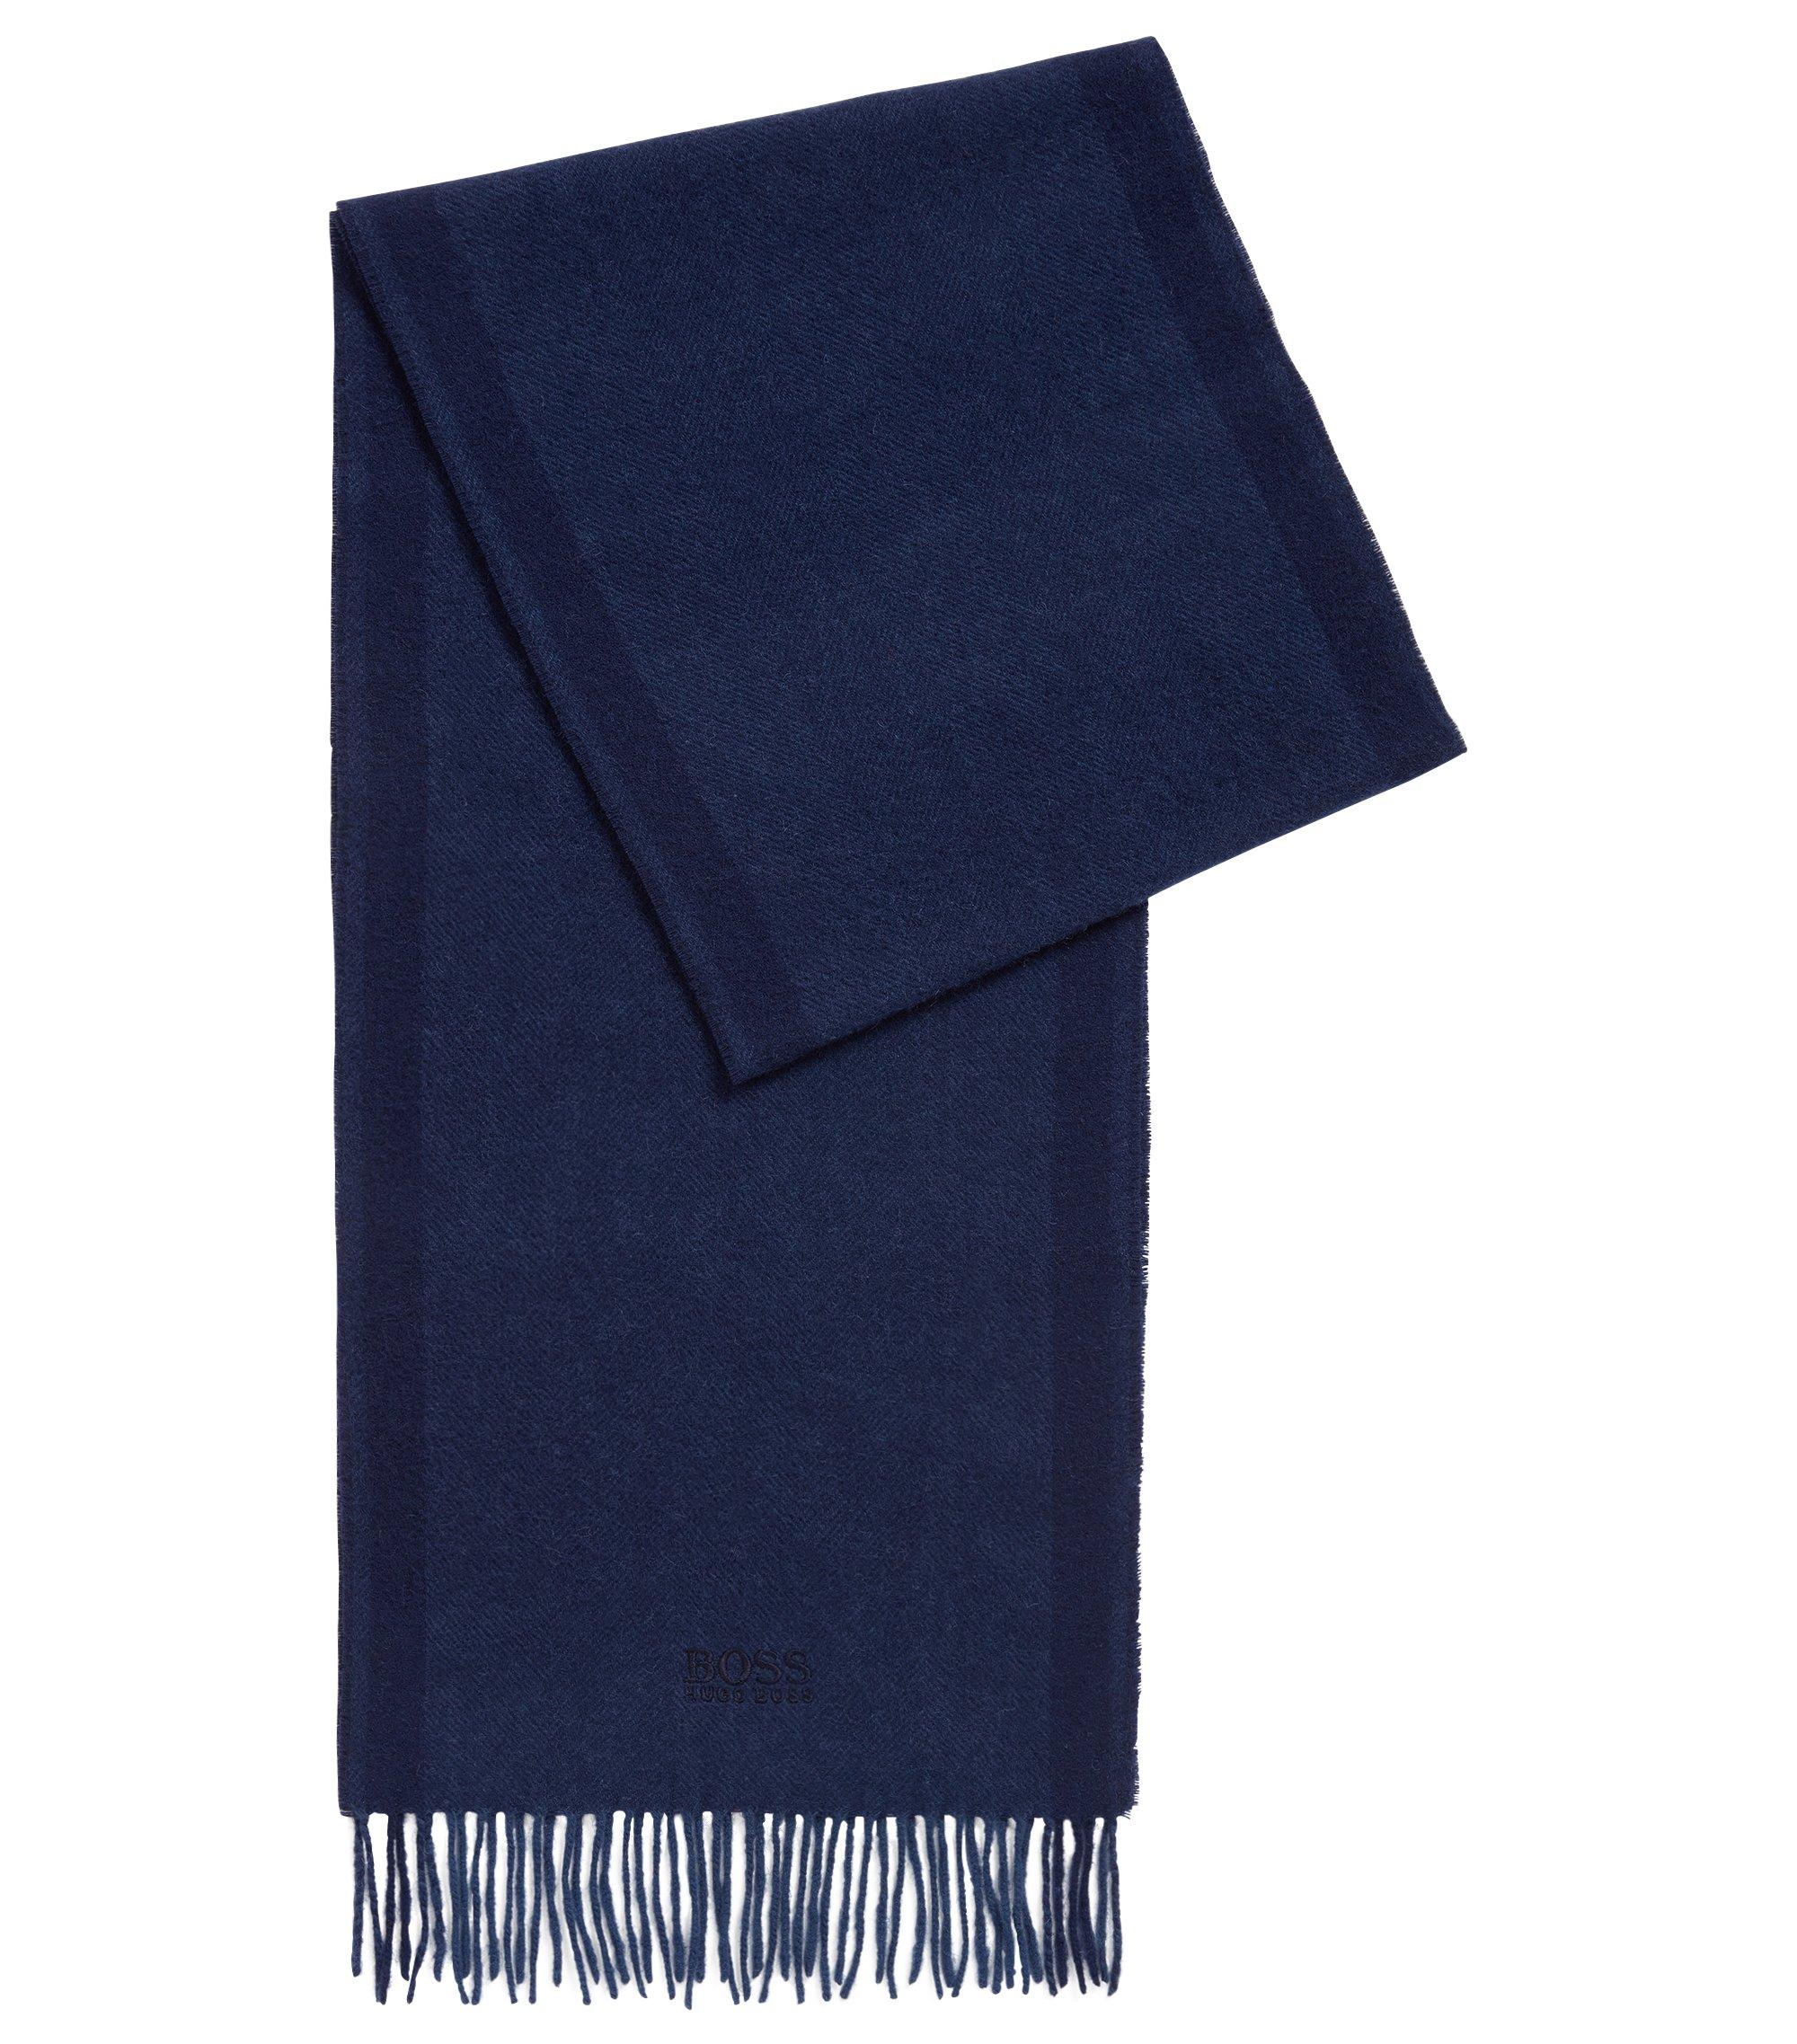 Écharpe en laine mélangée, avec motif jacquard à chevrons, Bleu foncé